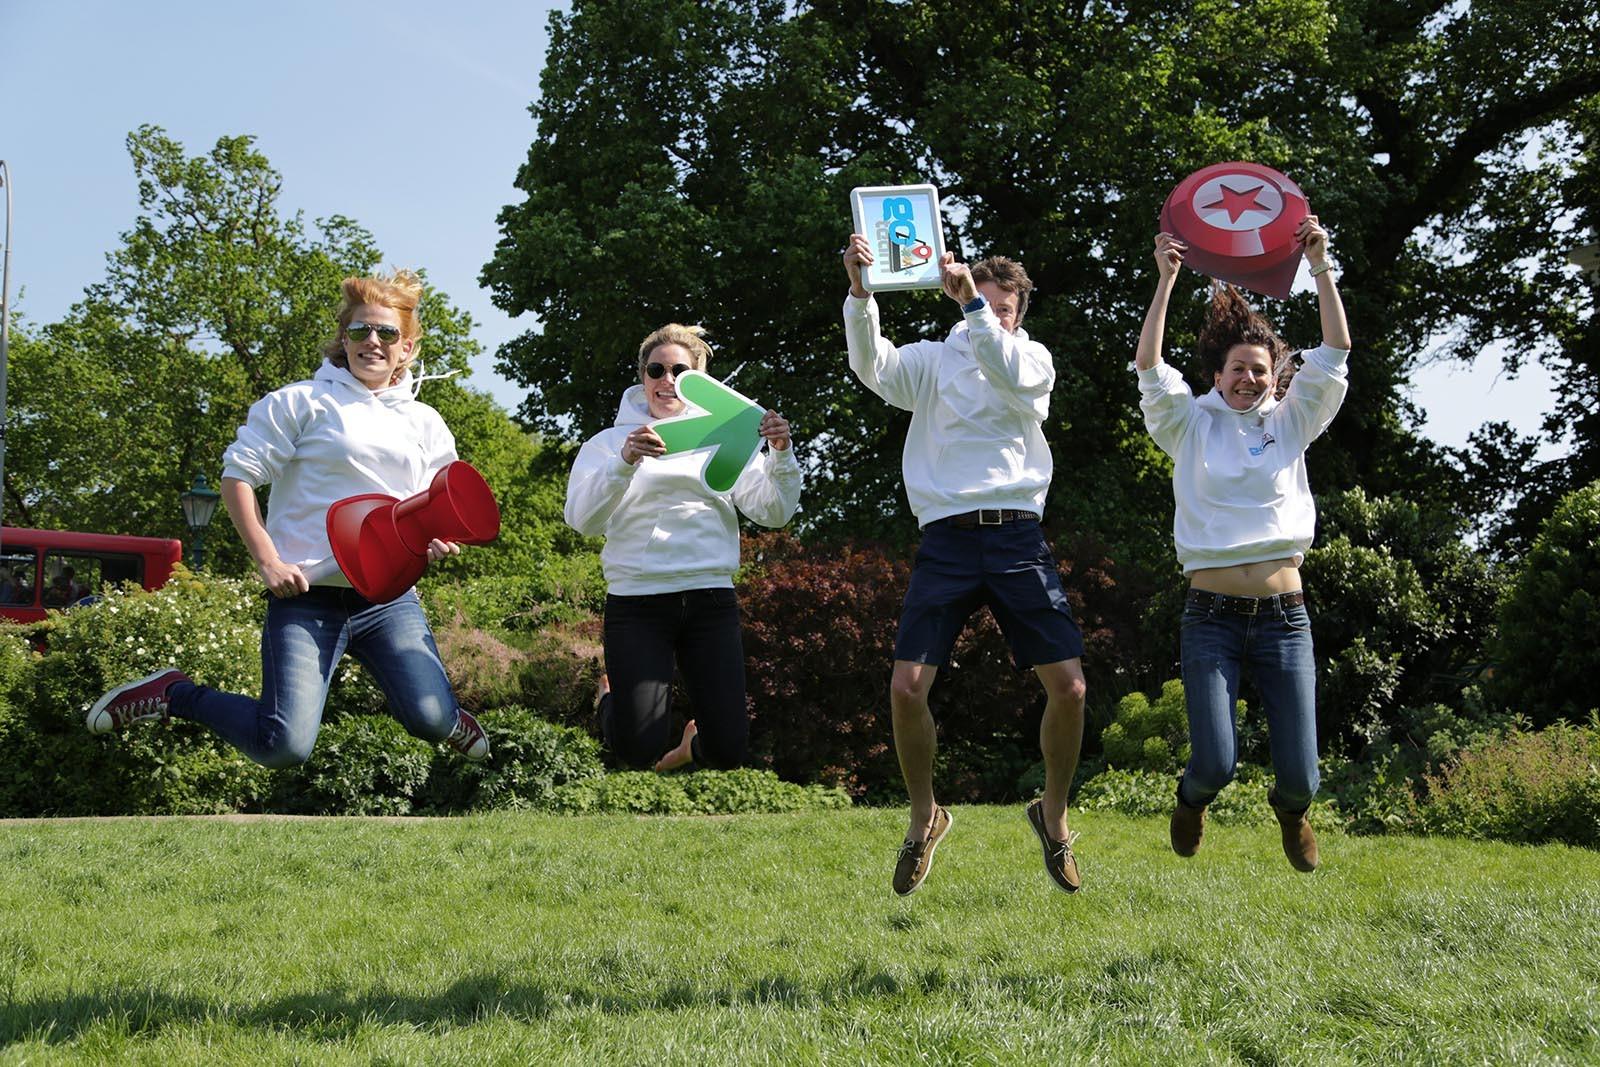 Skupina plni ukol ve hre Go Team kde musi byt na fotce vsichni ve vzduchu